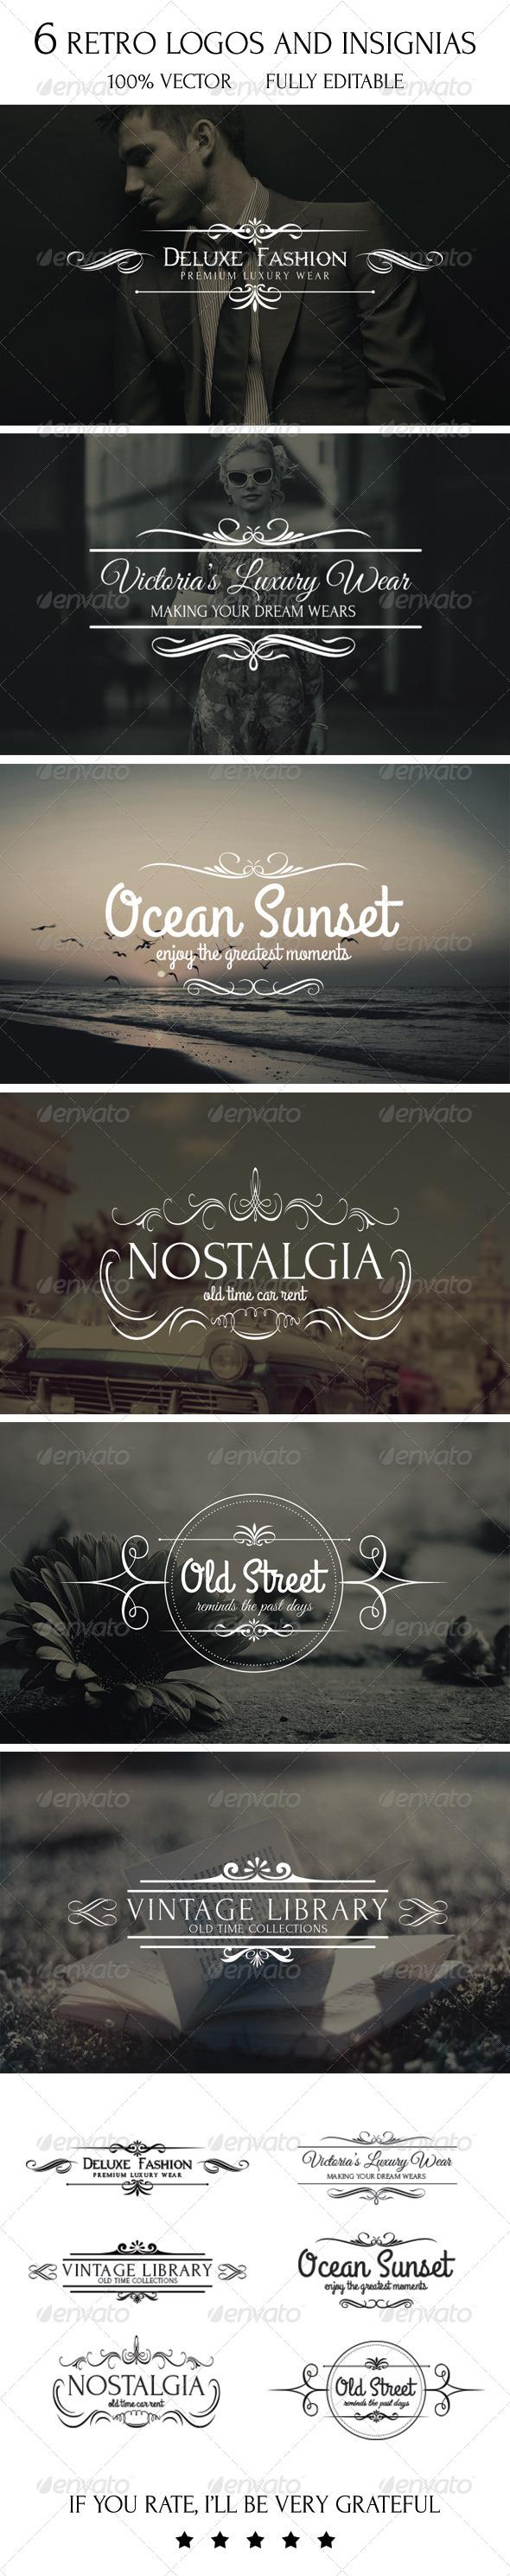 GraphicRiver 6 Retro Logos and Insignias 7642689